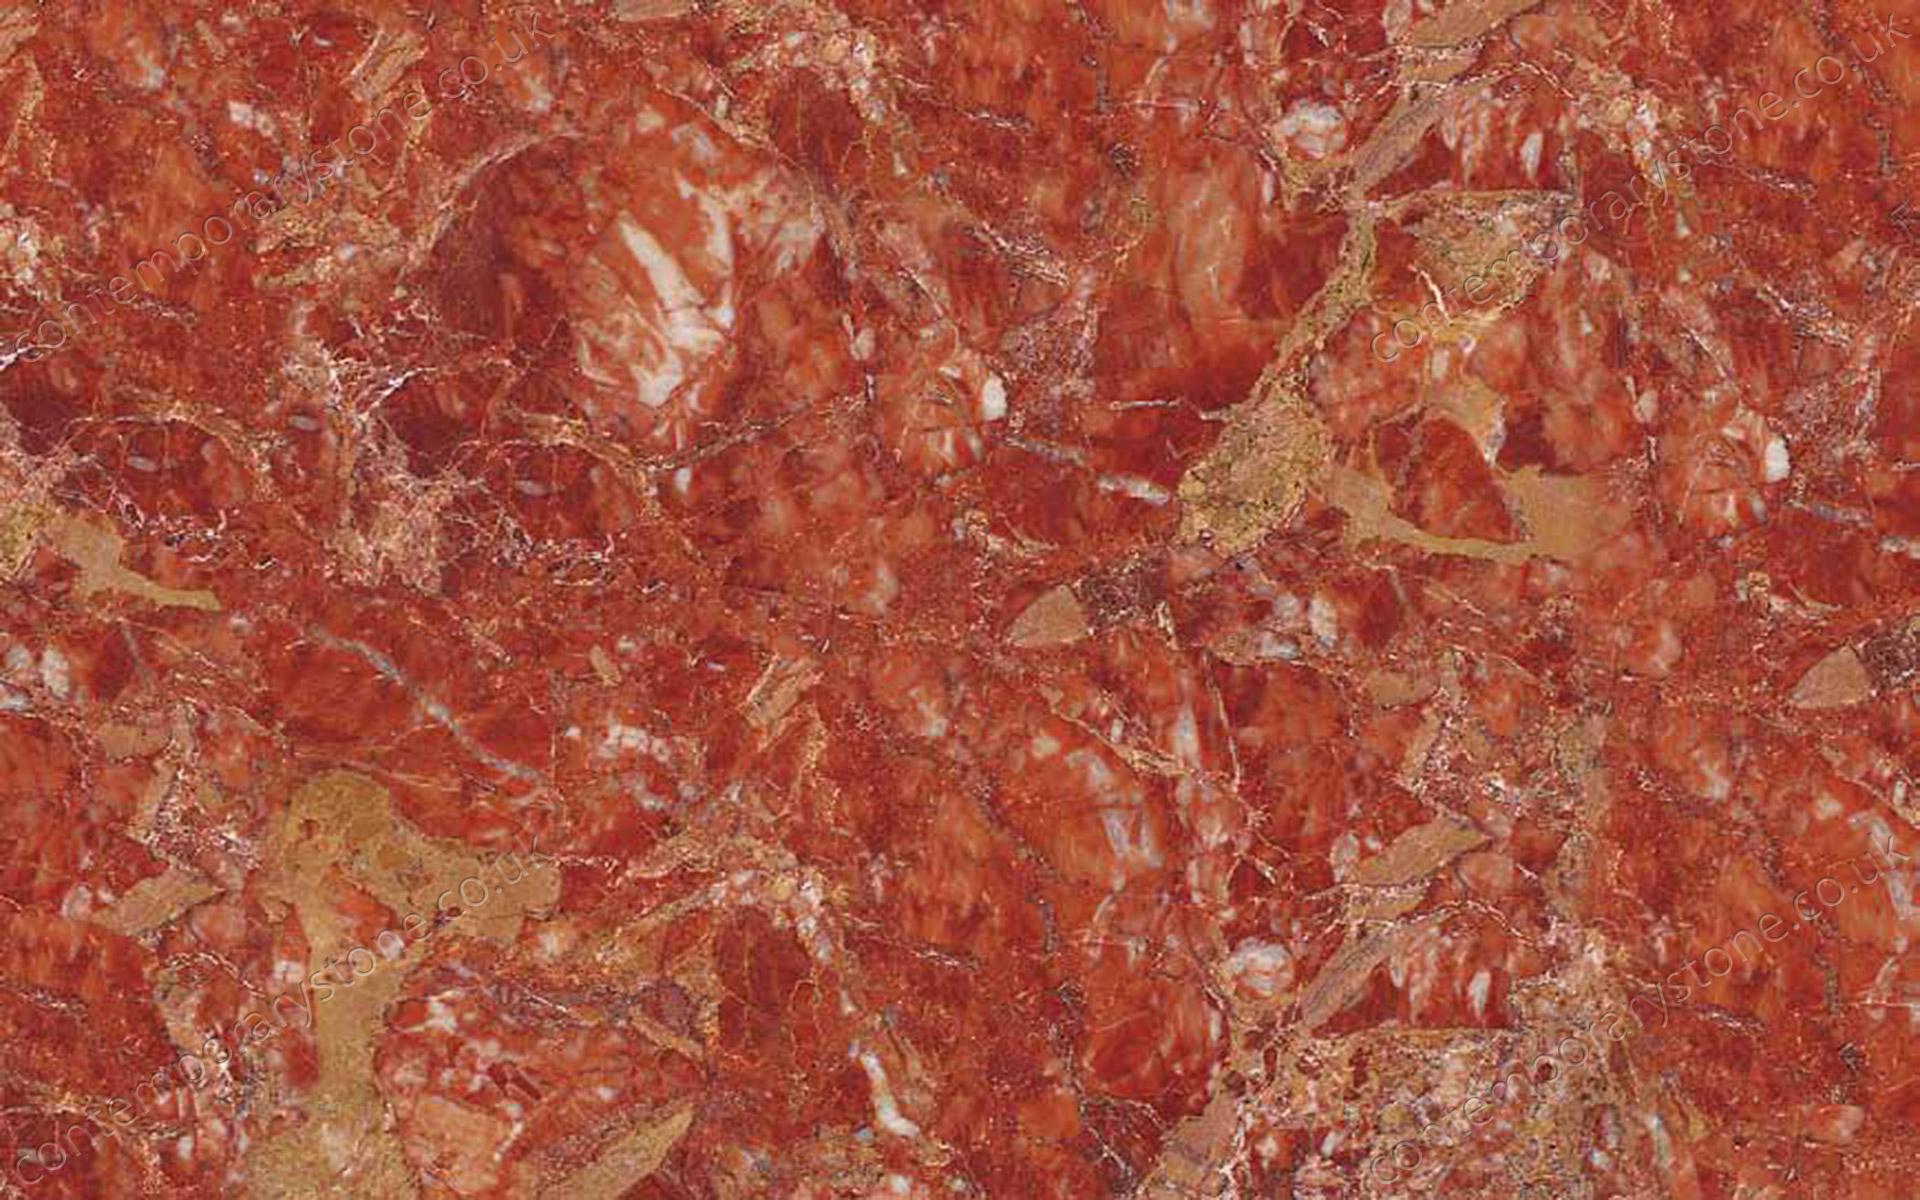 Breccia Pernice marble close-up